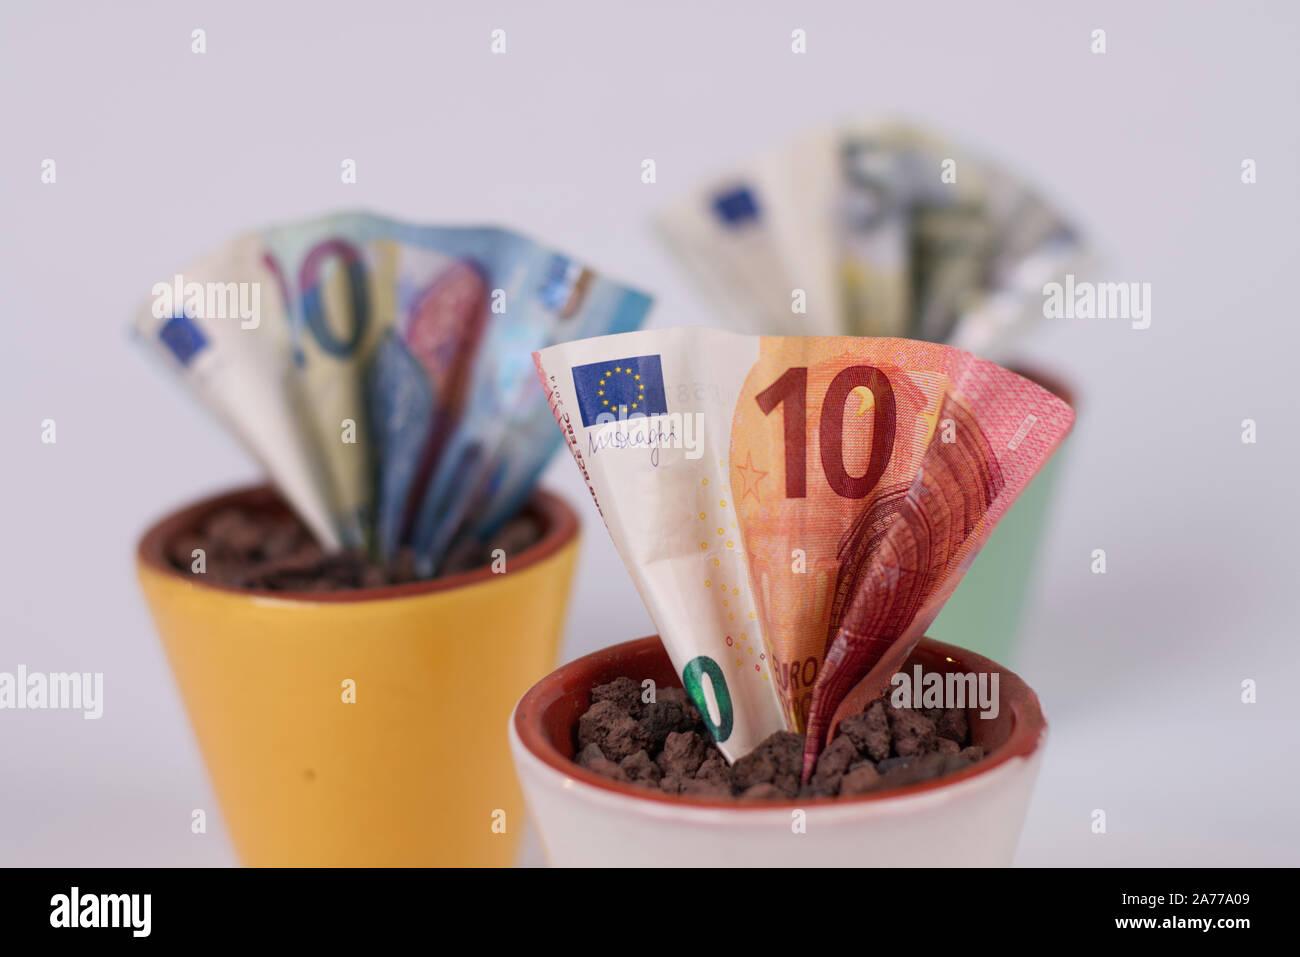 Cómo hacerse rico rápidamente? Simpel: Planta algunos billetes, seriamente, invirtiendo su euro's es una idea mejor. Estas ollas de dinero simboliza su inversión. Foto de stock